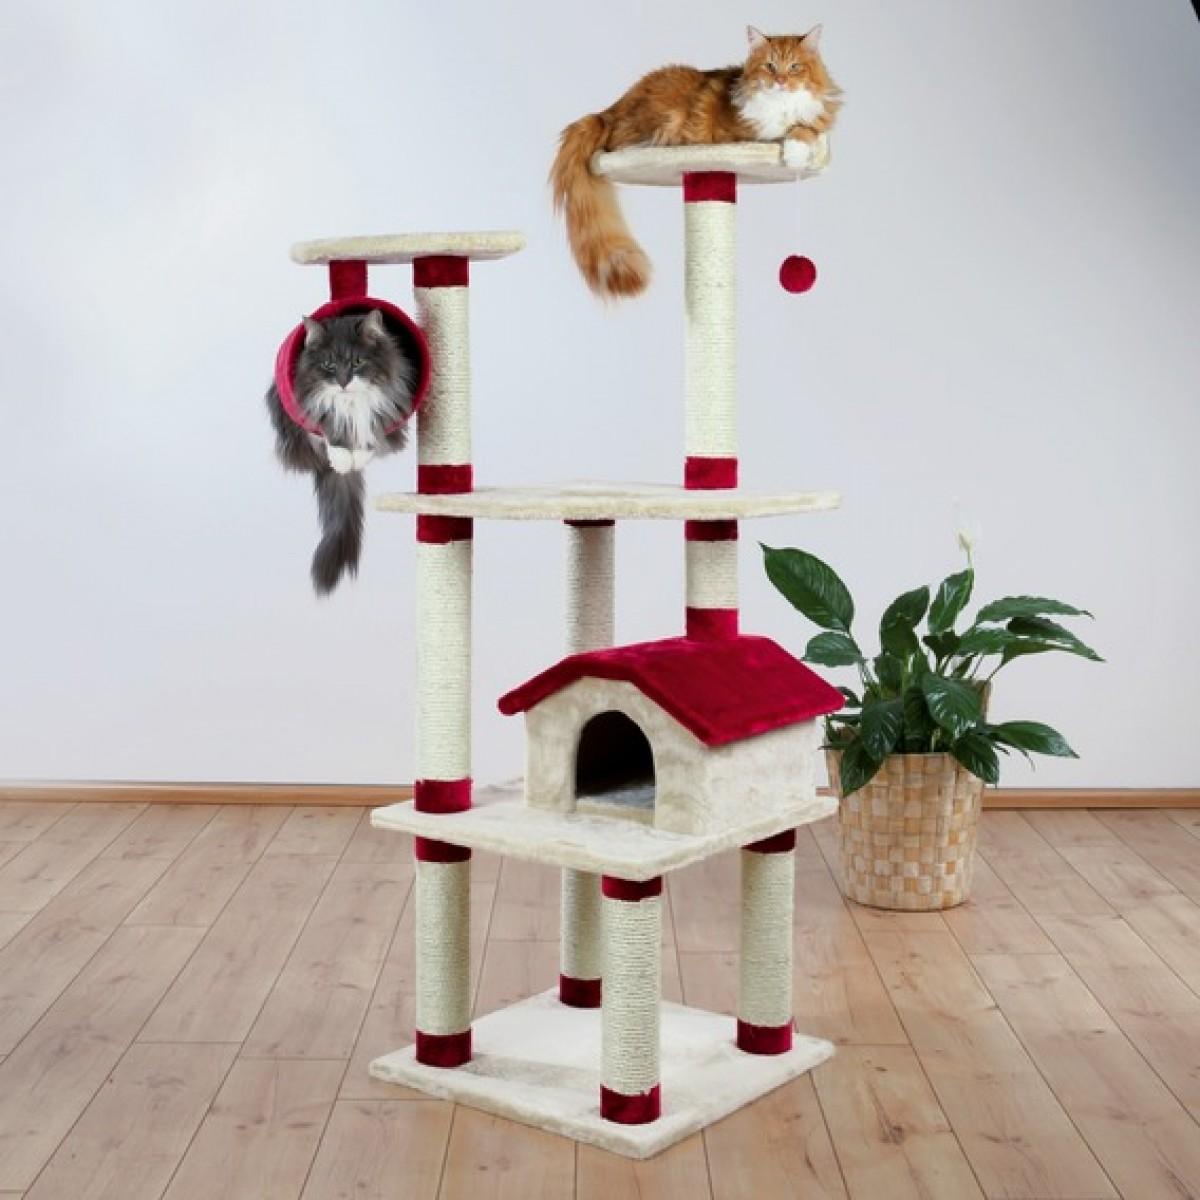 Tiragraffi per gatti la classifica dei 20 migliori for Tiragraffi gatti ikea